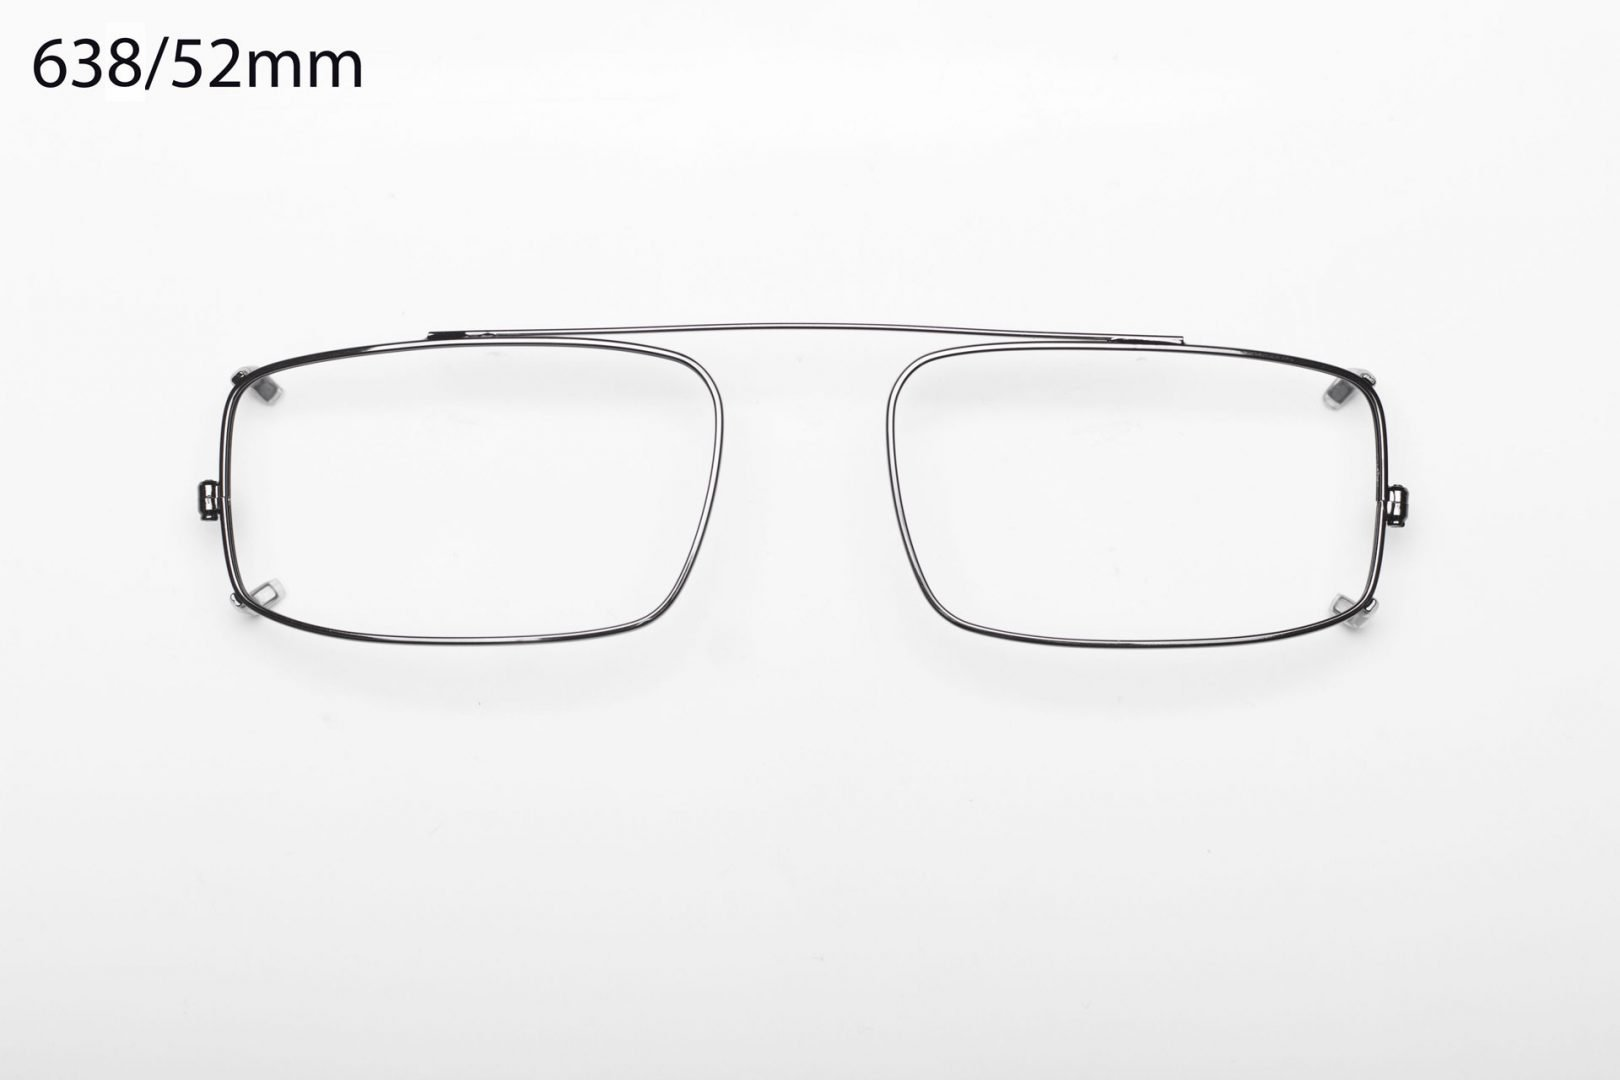 Modèle A101-63852mm